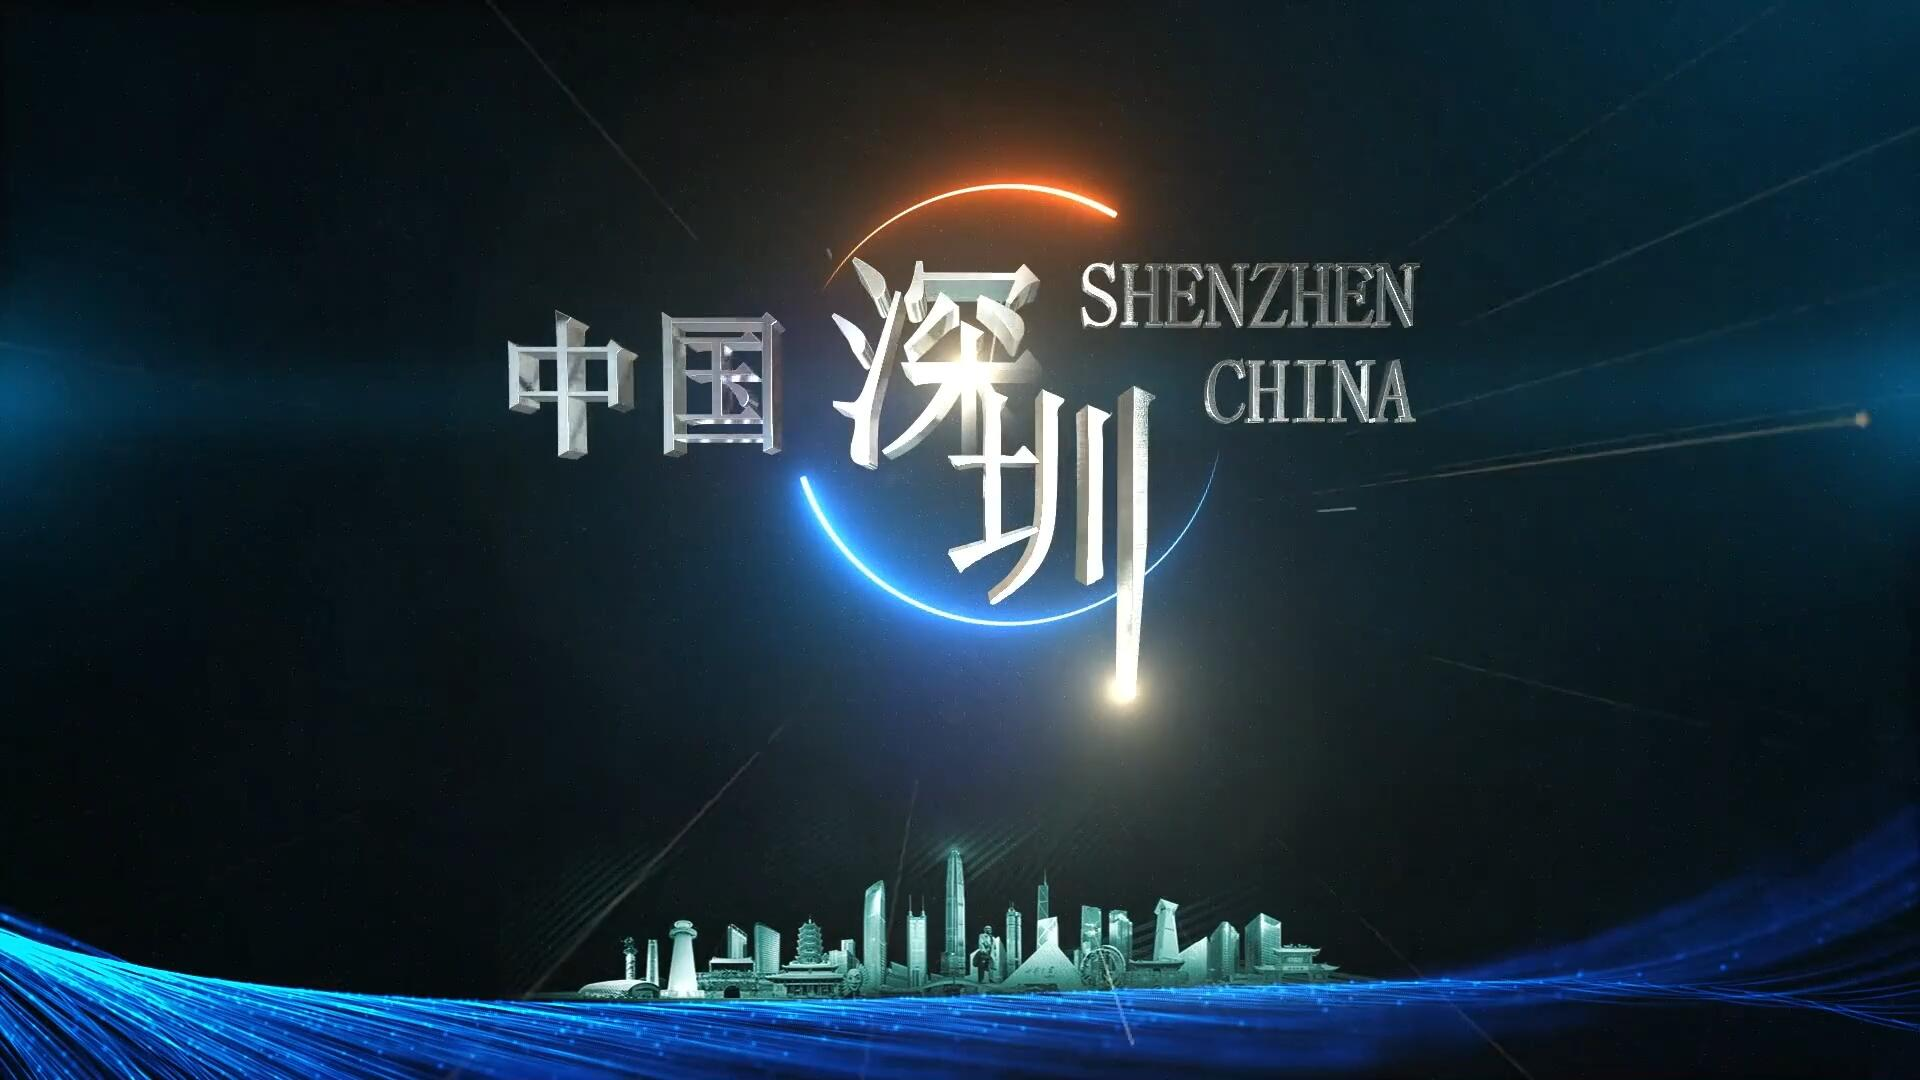 深圳最新宣传片全球发布!震撼!!